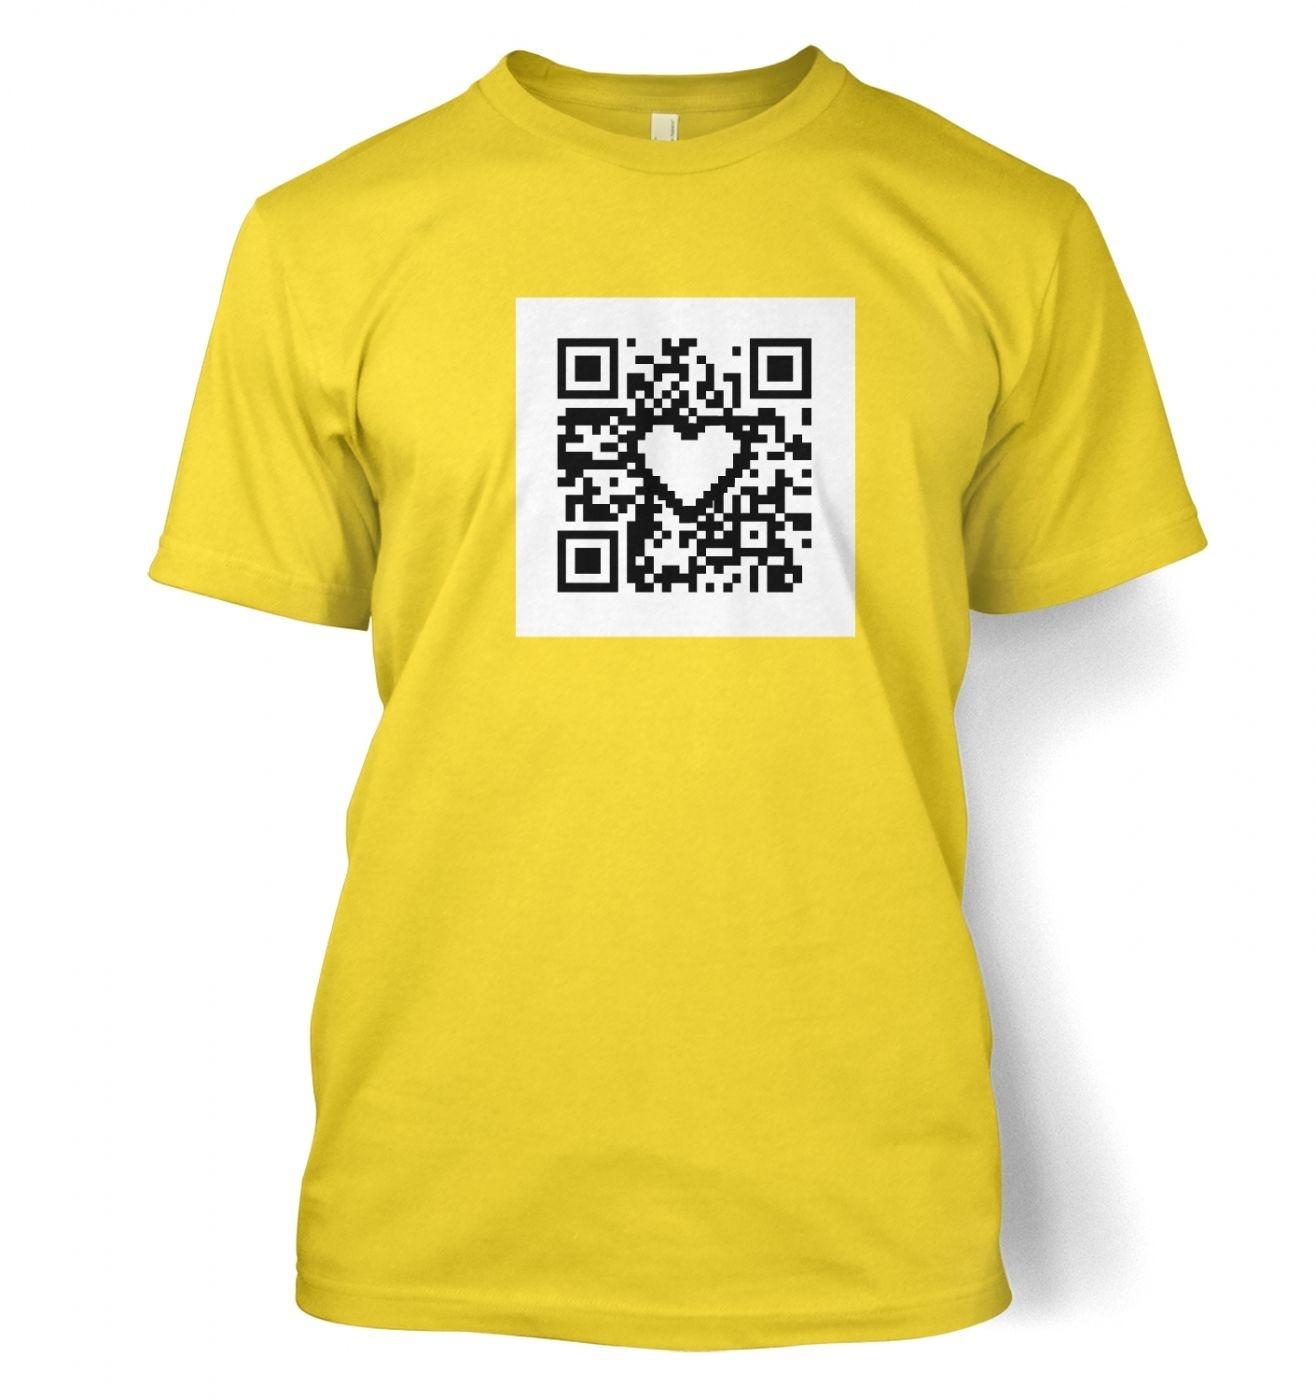 QR code heart t-shirt